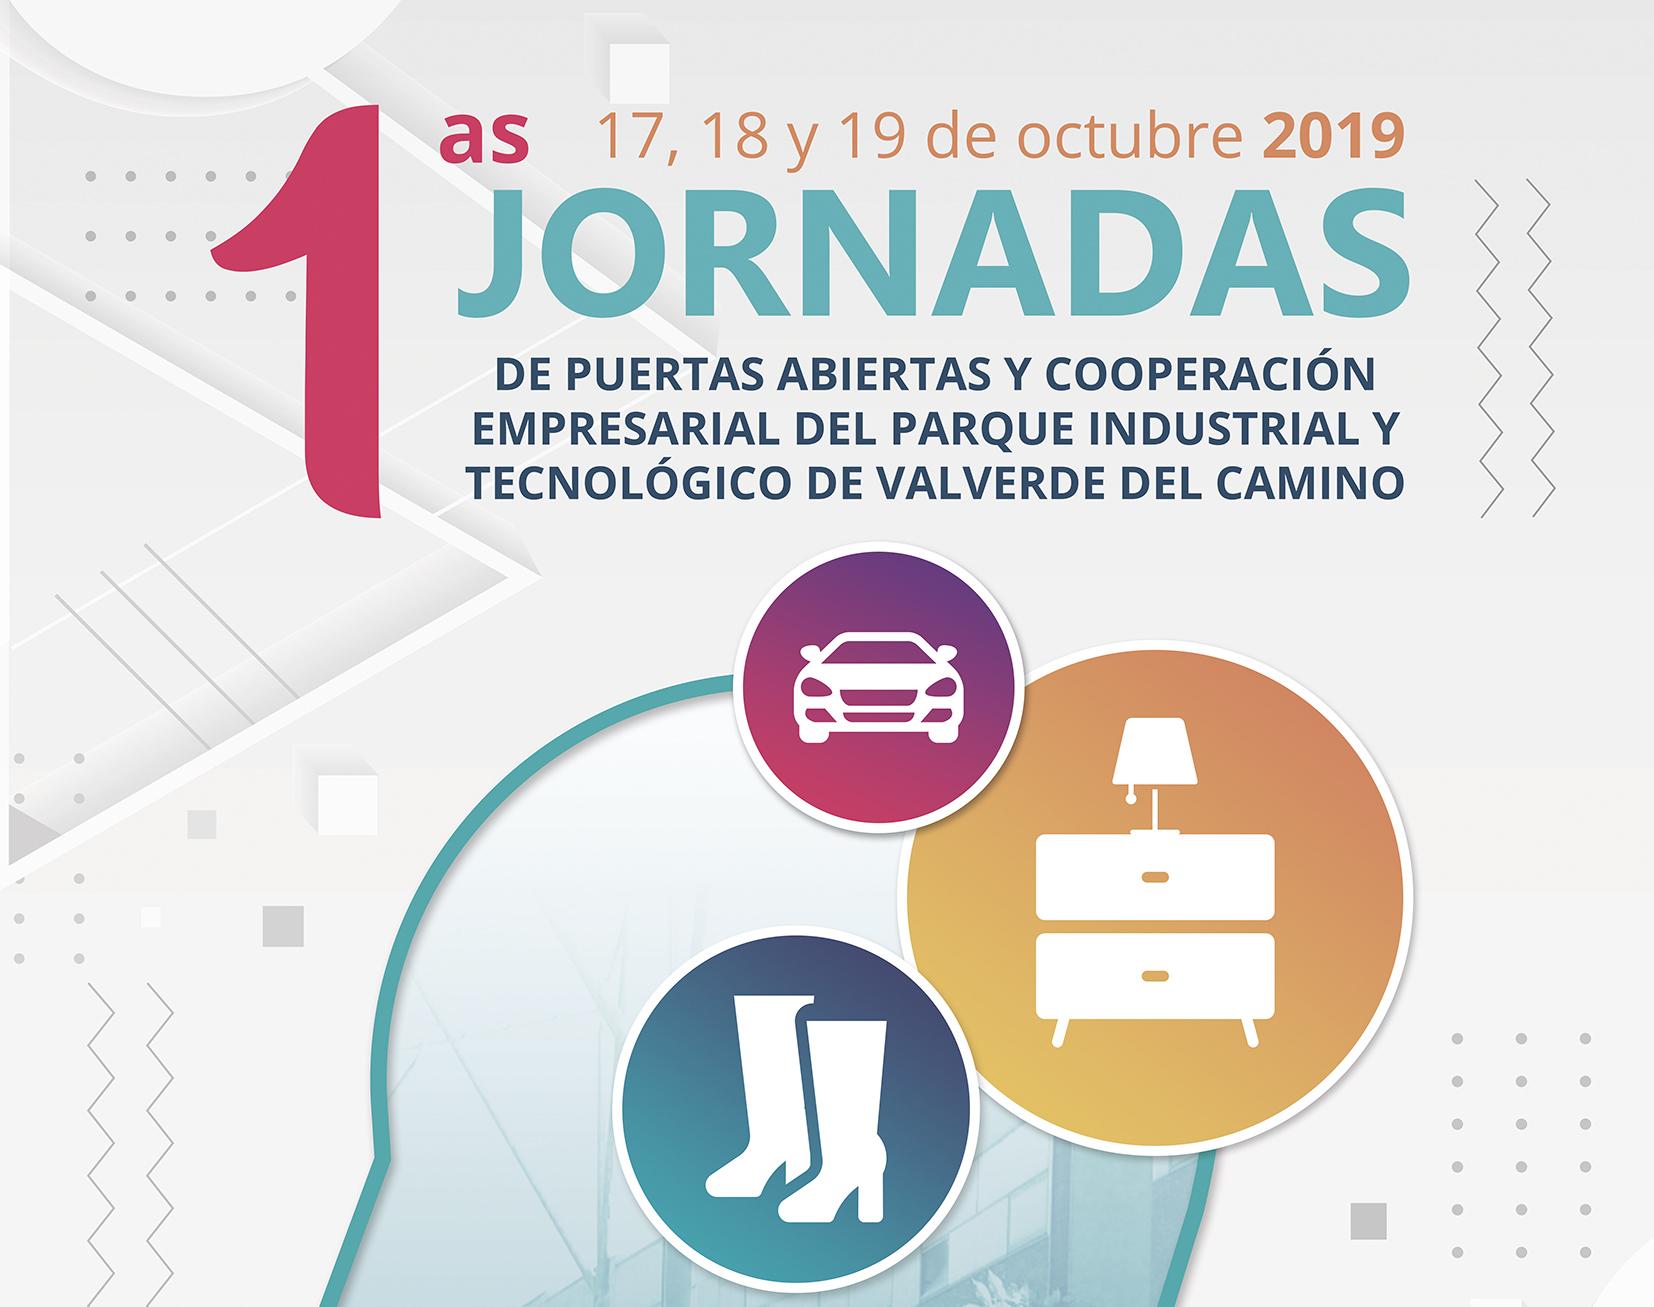 Empresas del mueble a medida ofrecen promociones, sorteos y visitas en las I Jornadas de Puertas abiertas del Parque Industrial y Tecnológico de Valverde